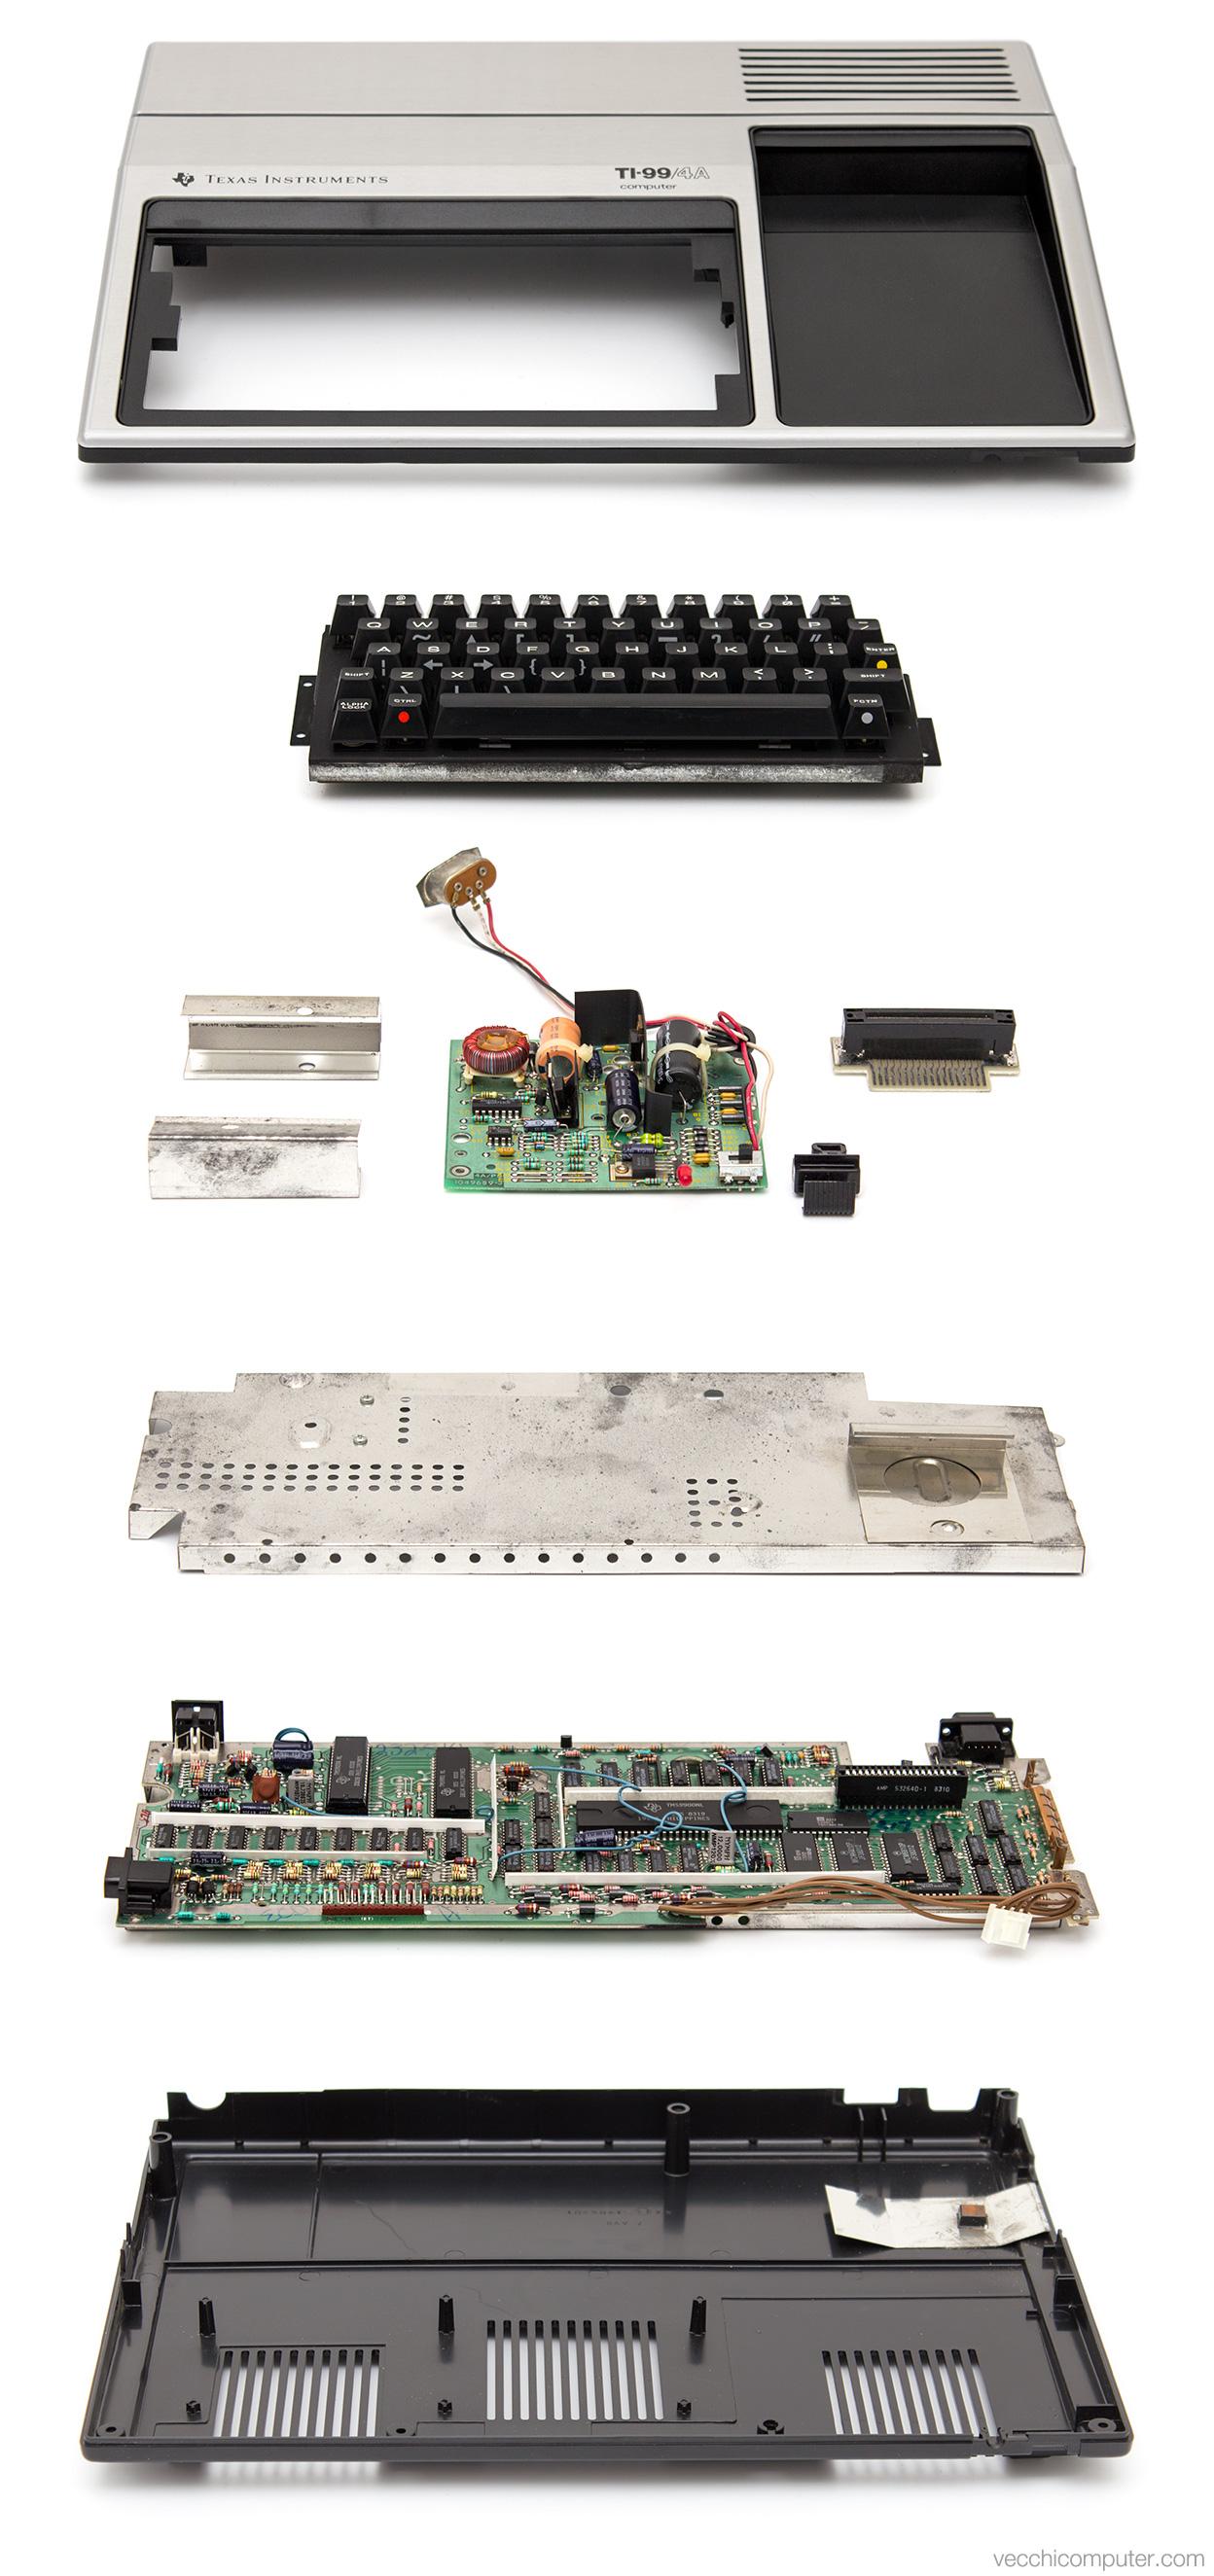 Texas Instruments TI-99/4A - vista esplosa